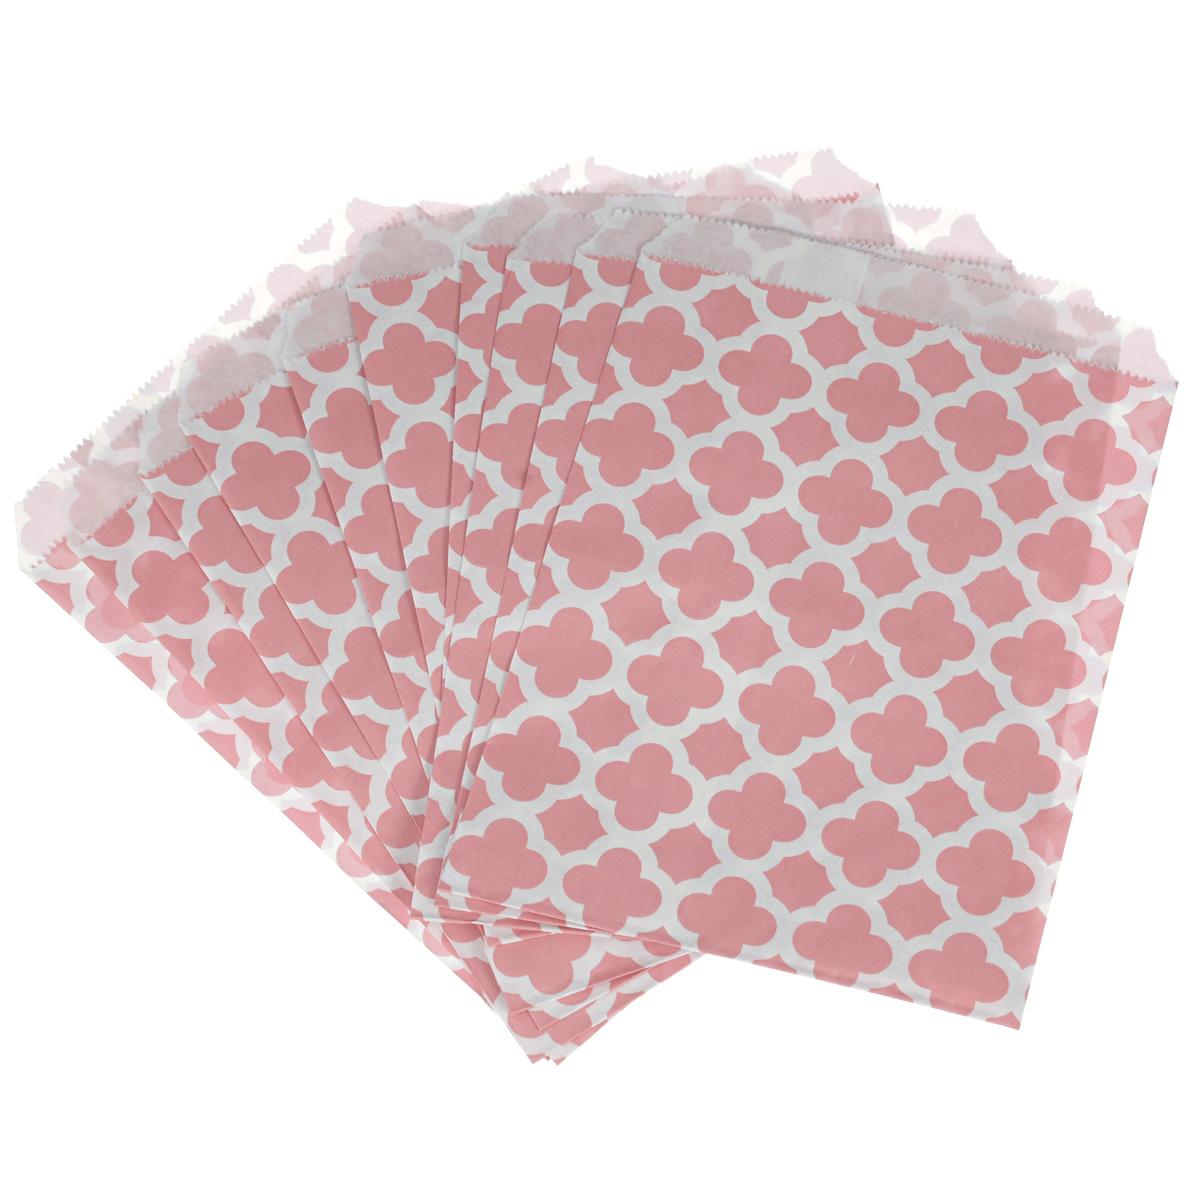 Пакеты бумажные Dolce Arti Arabesque, для выпекания, цвет: розовый, 10 шт115510Бумажные пакеты Dolce Arti Arabesque очень многофункциональны. Их можно использовать насколько хватит вашей фантазии: для выпекания, для упаковки маленьких подарков, сладостей и многого другого. Размер: 13 см х 18 см.